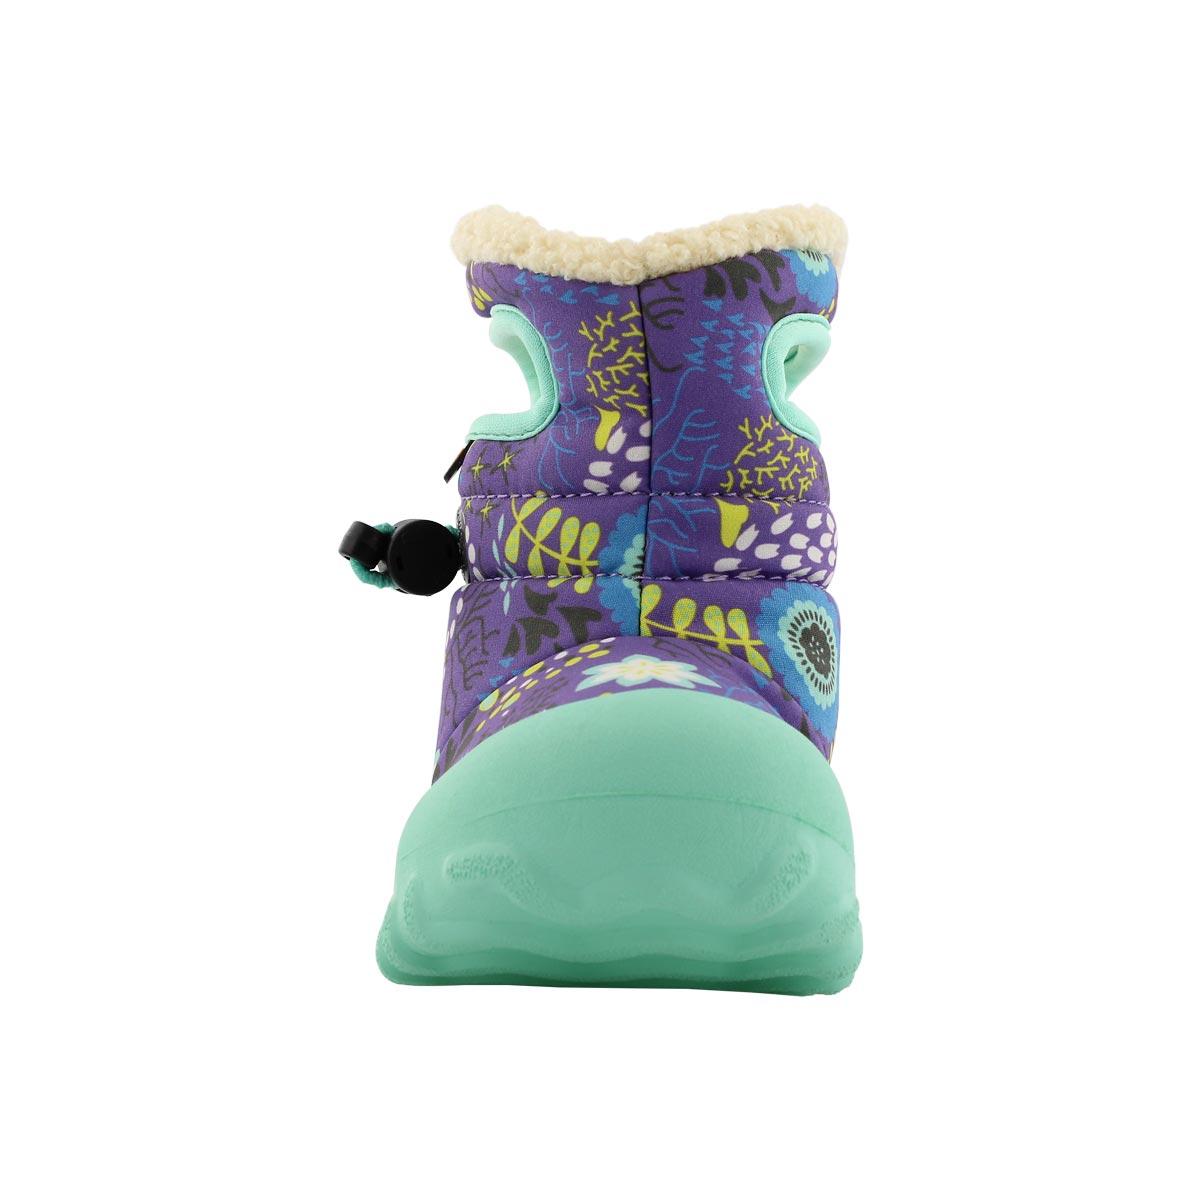 Inf-g B-Moc Reef purple mlti wtpf boot